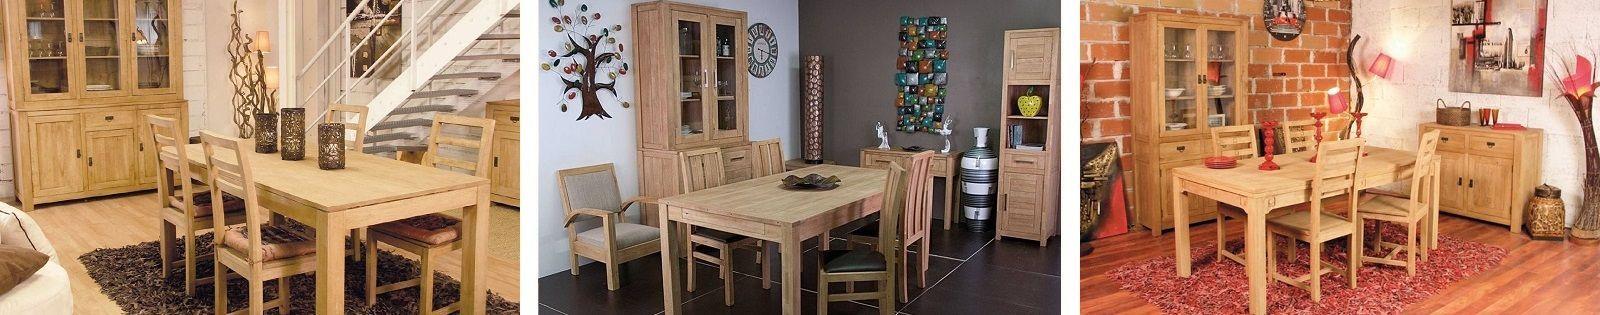 Vaisselier en Hévéa massif, meuble pour la salle à manger. Lotuséa